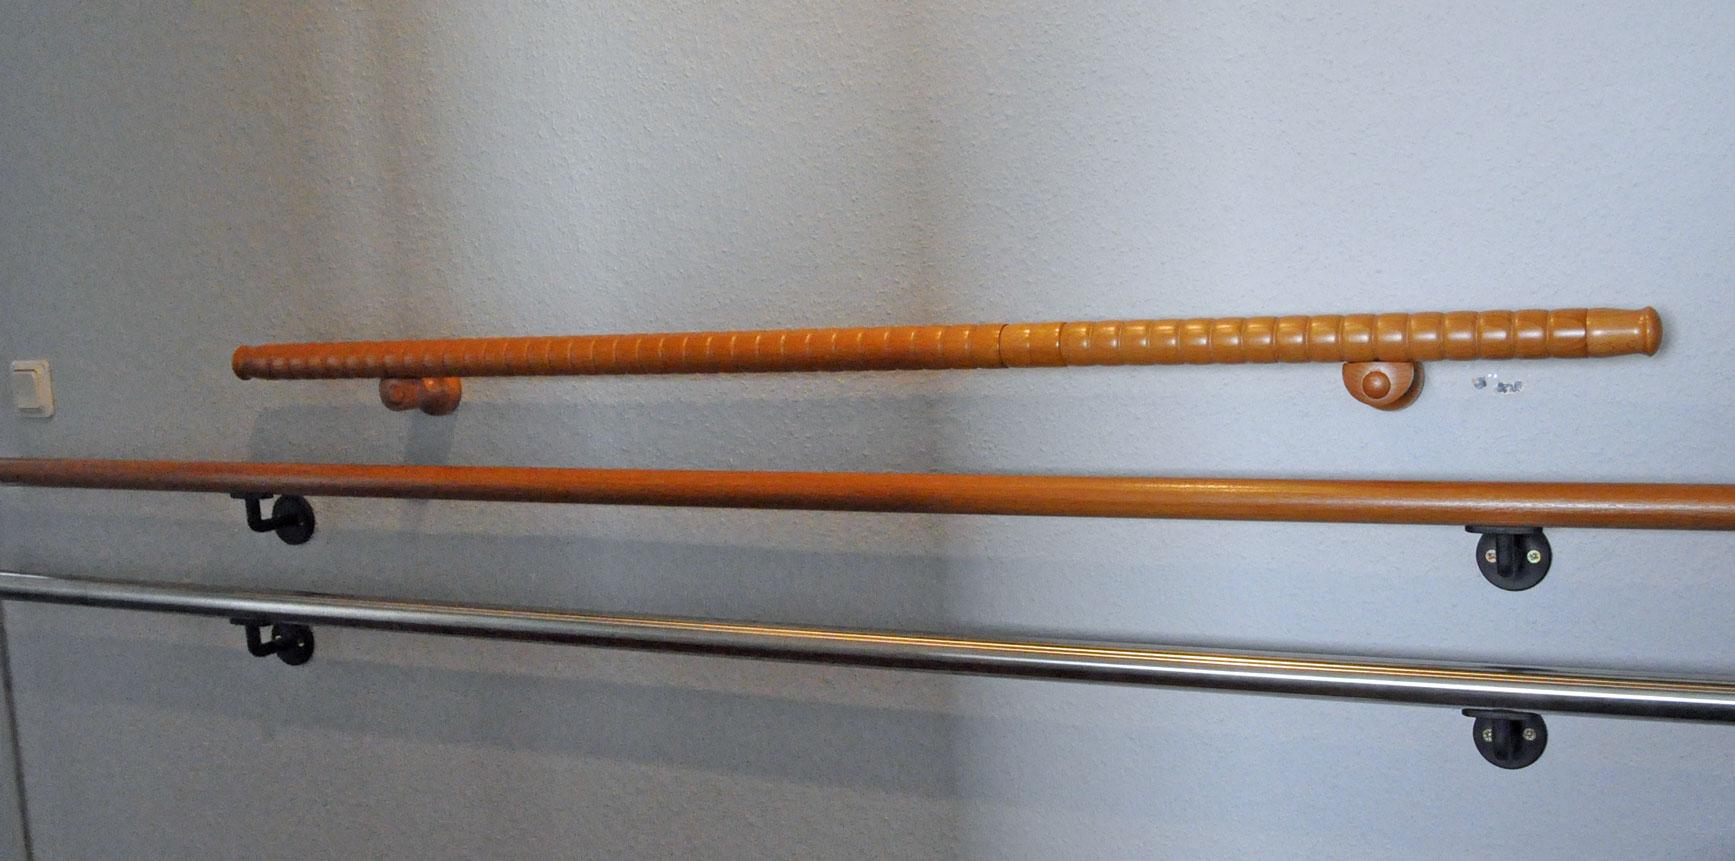 Handläufe aus Holz werden eher genutzt als solche aus Metall